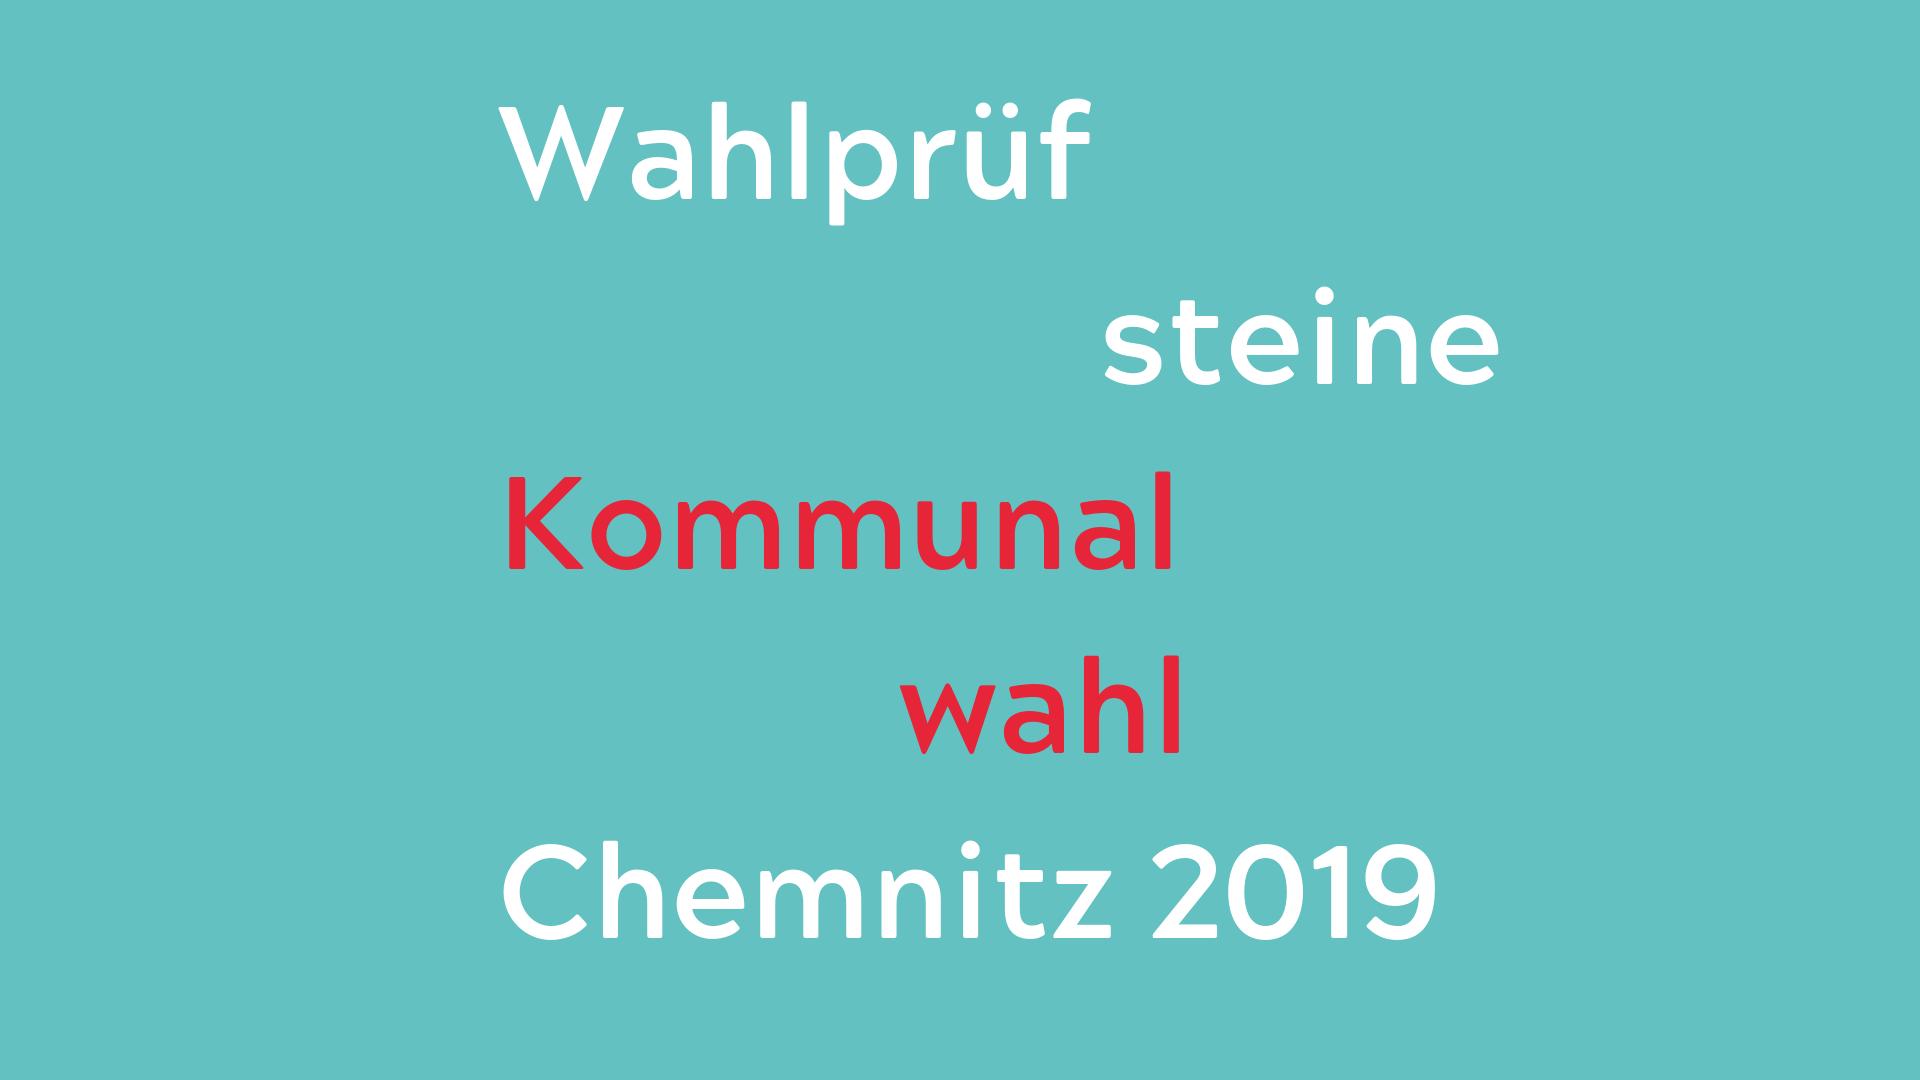 Wahlprüfsteine Zur Kommunalwahl In Chemnitz 2019 Kreatives